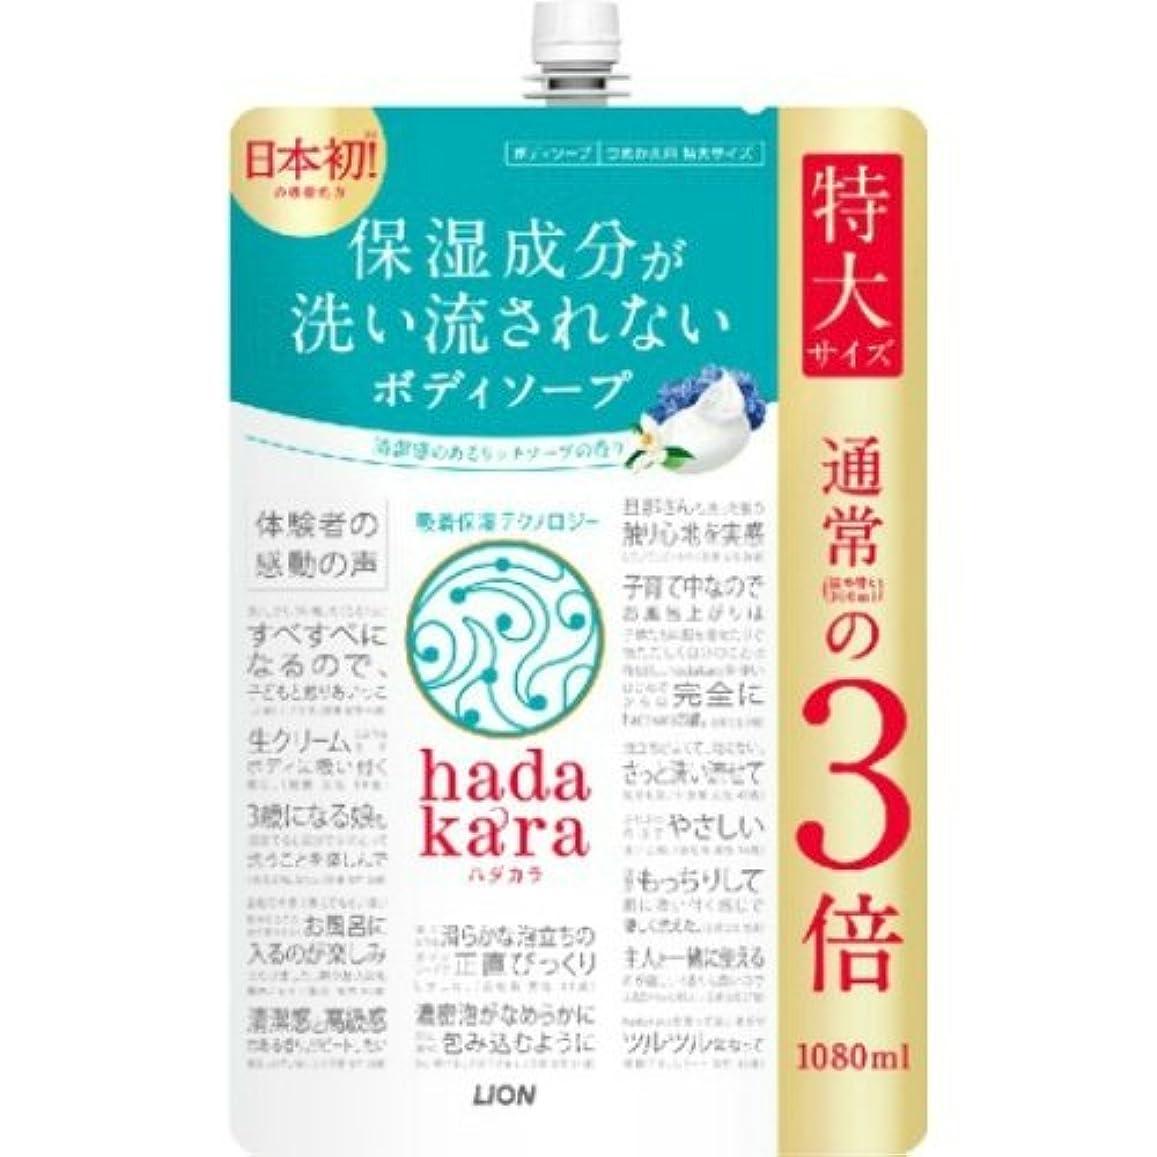 ボート何でも葉巻LION ライオン hadakara ハダカラ ボディソープ リッチソープの香り つめかえ用 特大サイズ 1080ml ×006点セット(4903301260882)